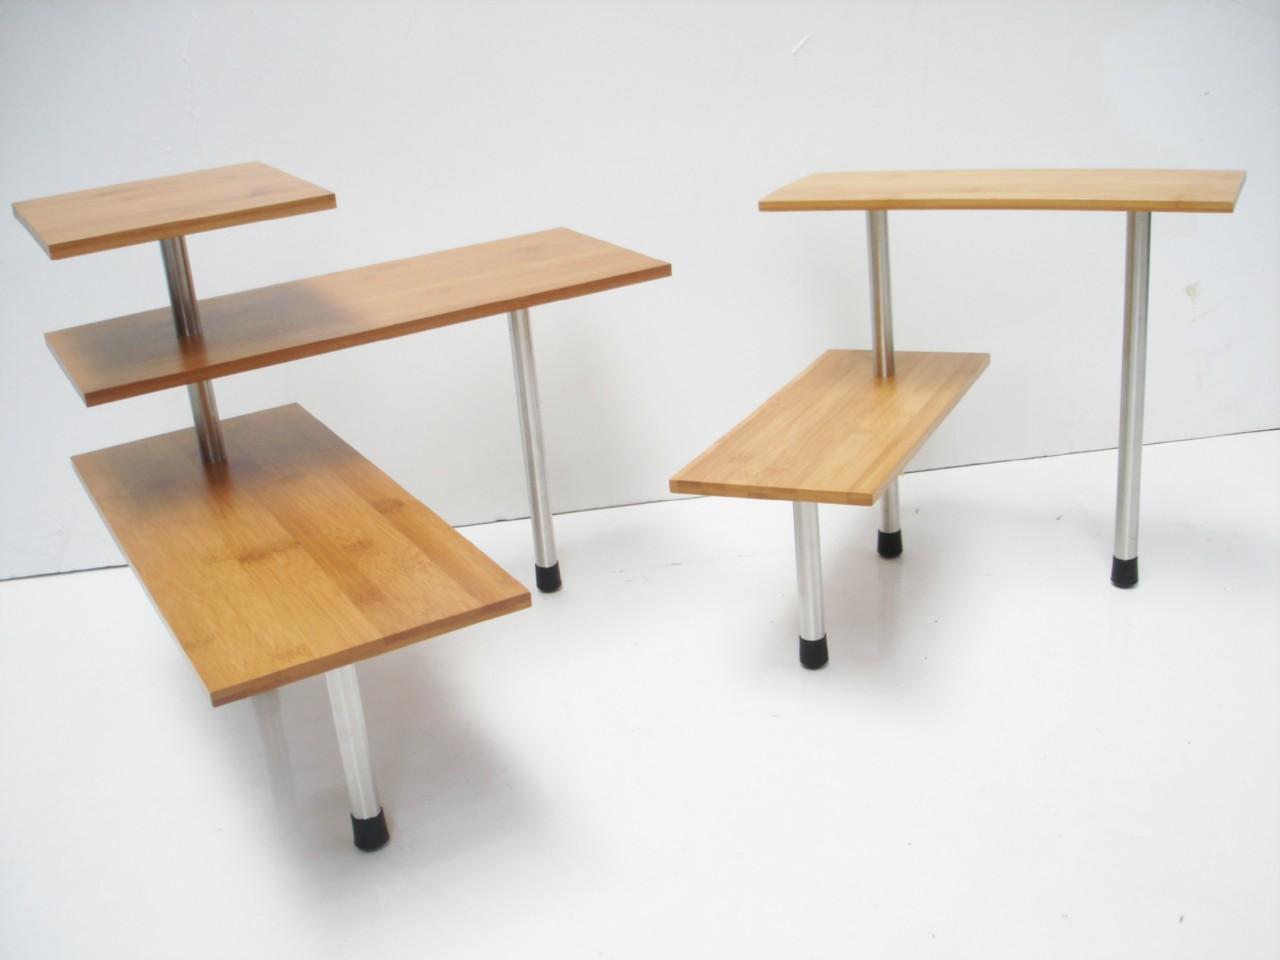 Qauilty Bamboo Kitchen Storage Rack Shelf Free Standing Ebay